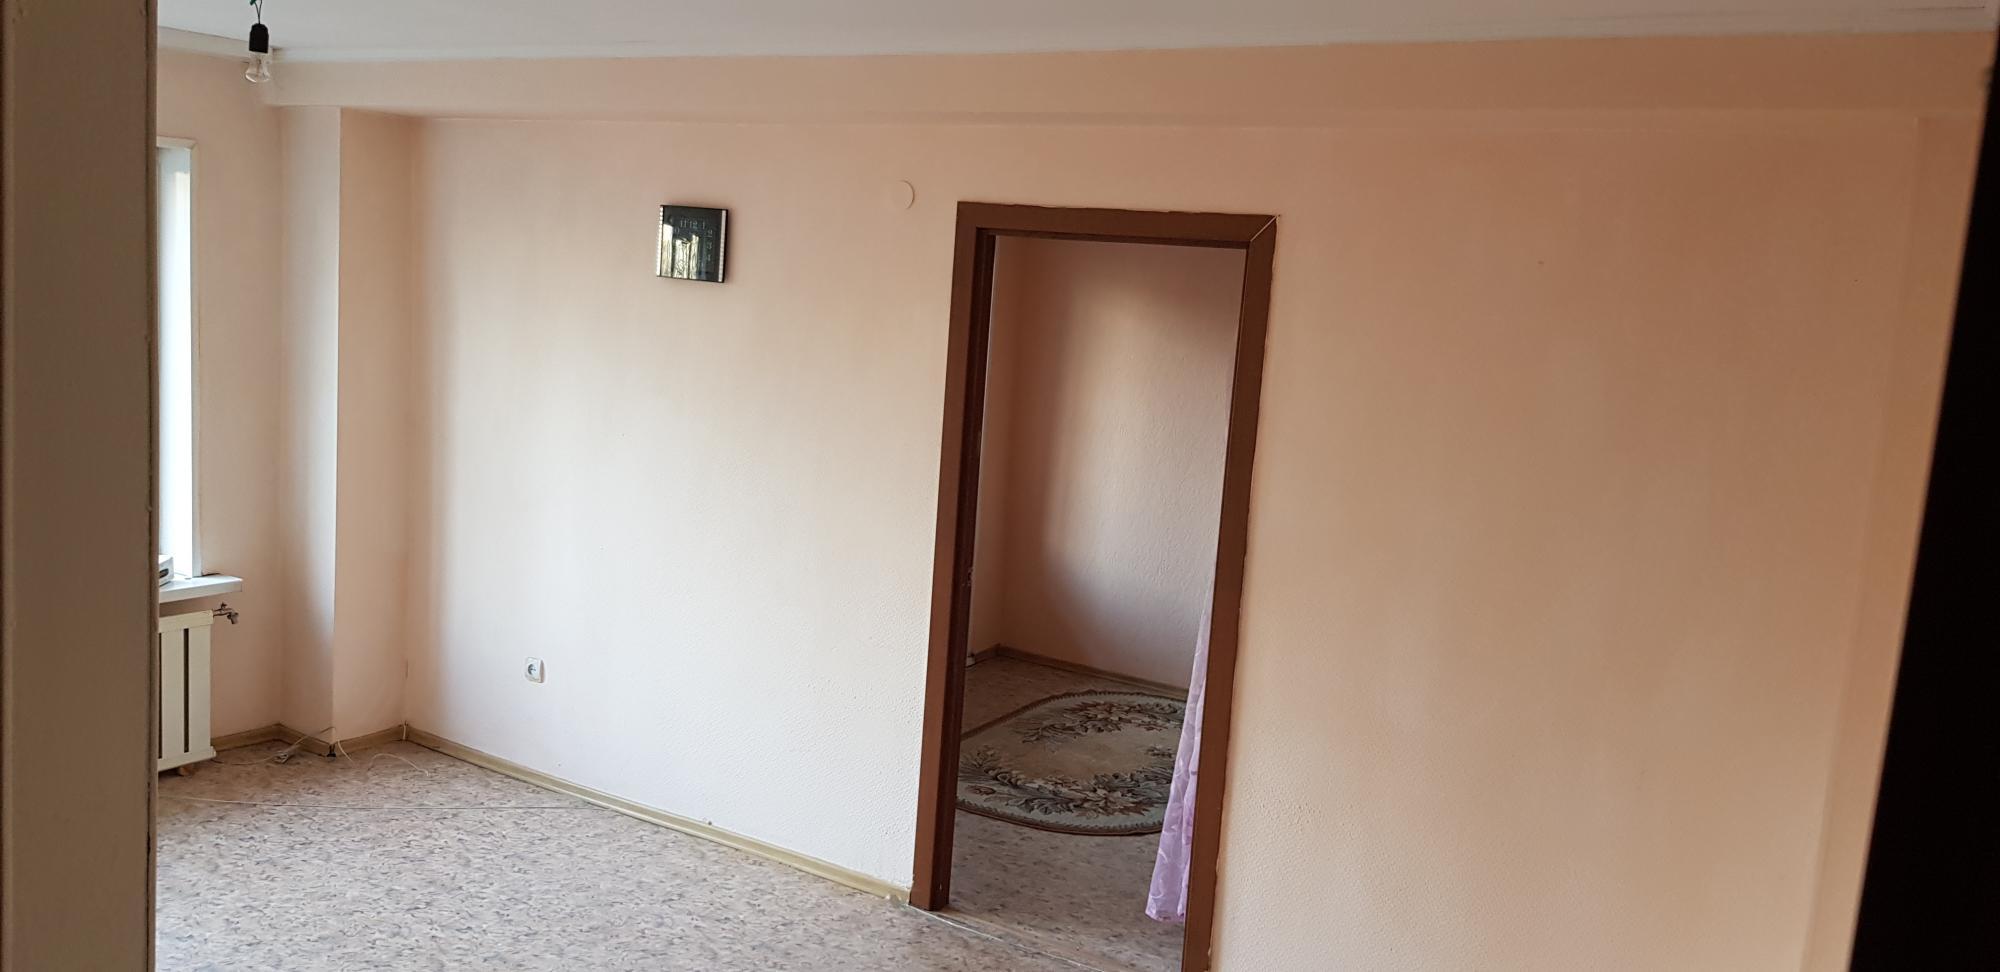 3к квартира улица 60 лет Октября, 40 | 20000 | аренда в Красноярске фото 3